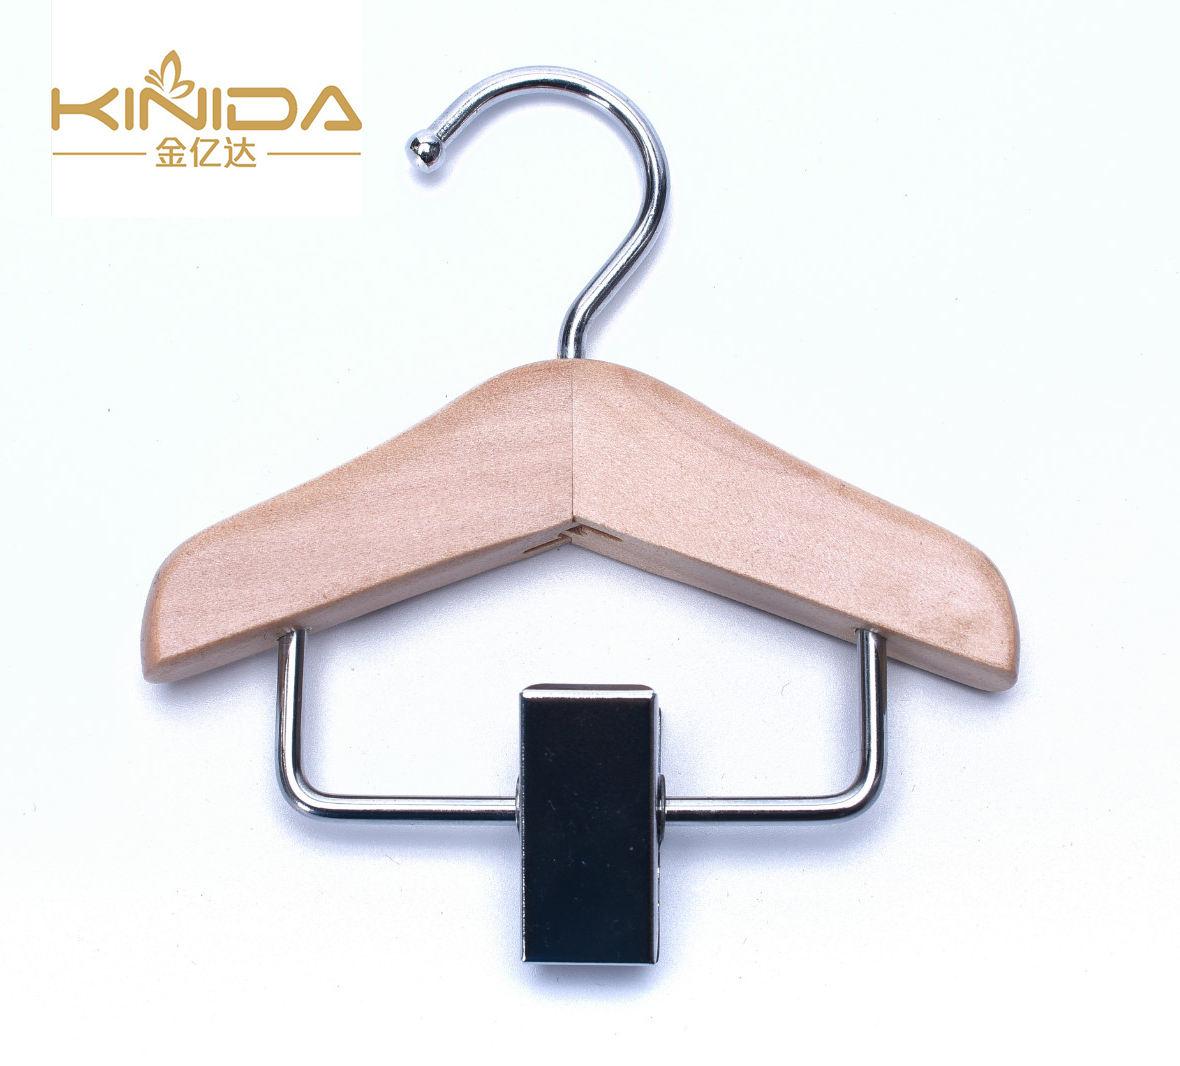 KINIDA Cina Vendita Calda Bella Rosa <span class=keywords><strong>Legno</strong></span> <span class=keywords><strong>Pantaloni</strong></span> Pant Grucce di <span class=keywords><strong>Legno</strong></span> con Clip <span class=keywords><strong>In</strong></span> Metallo